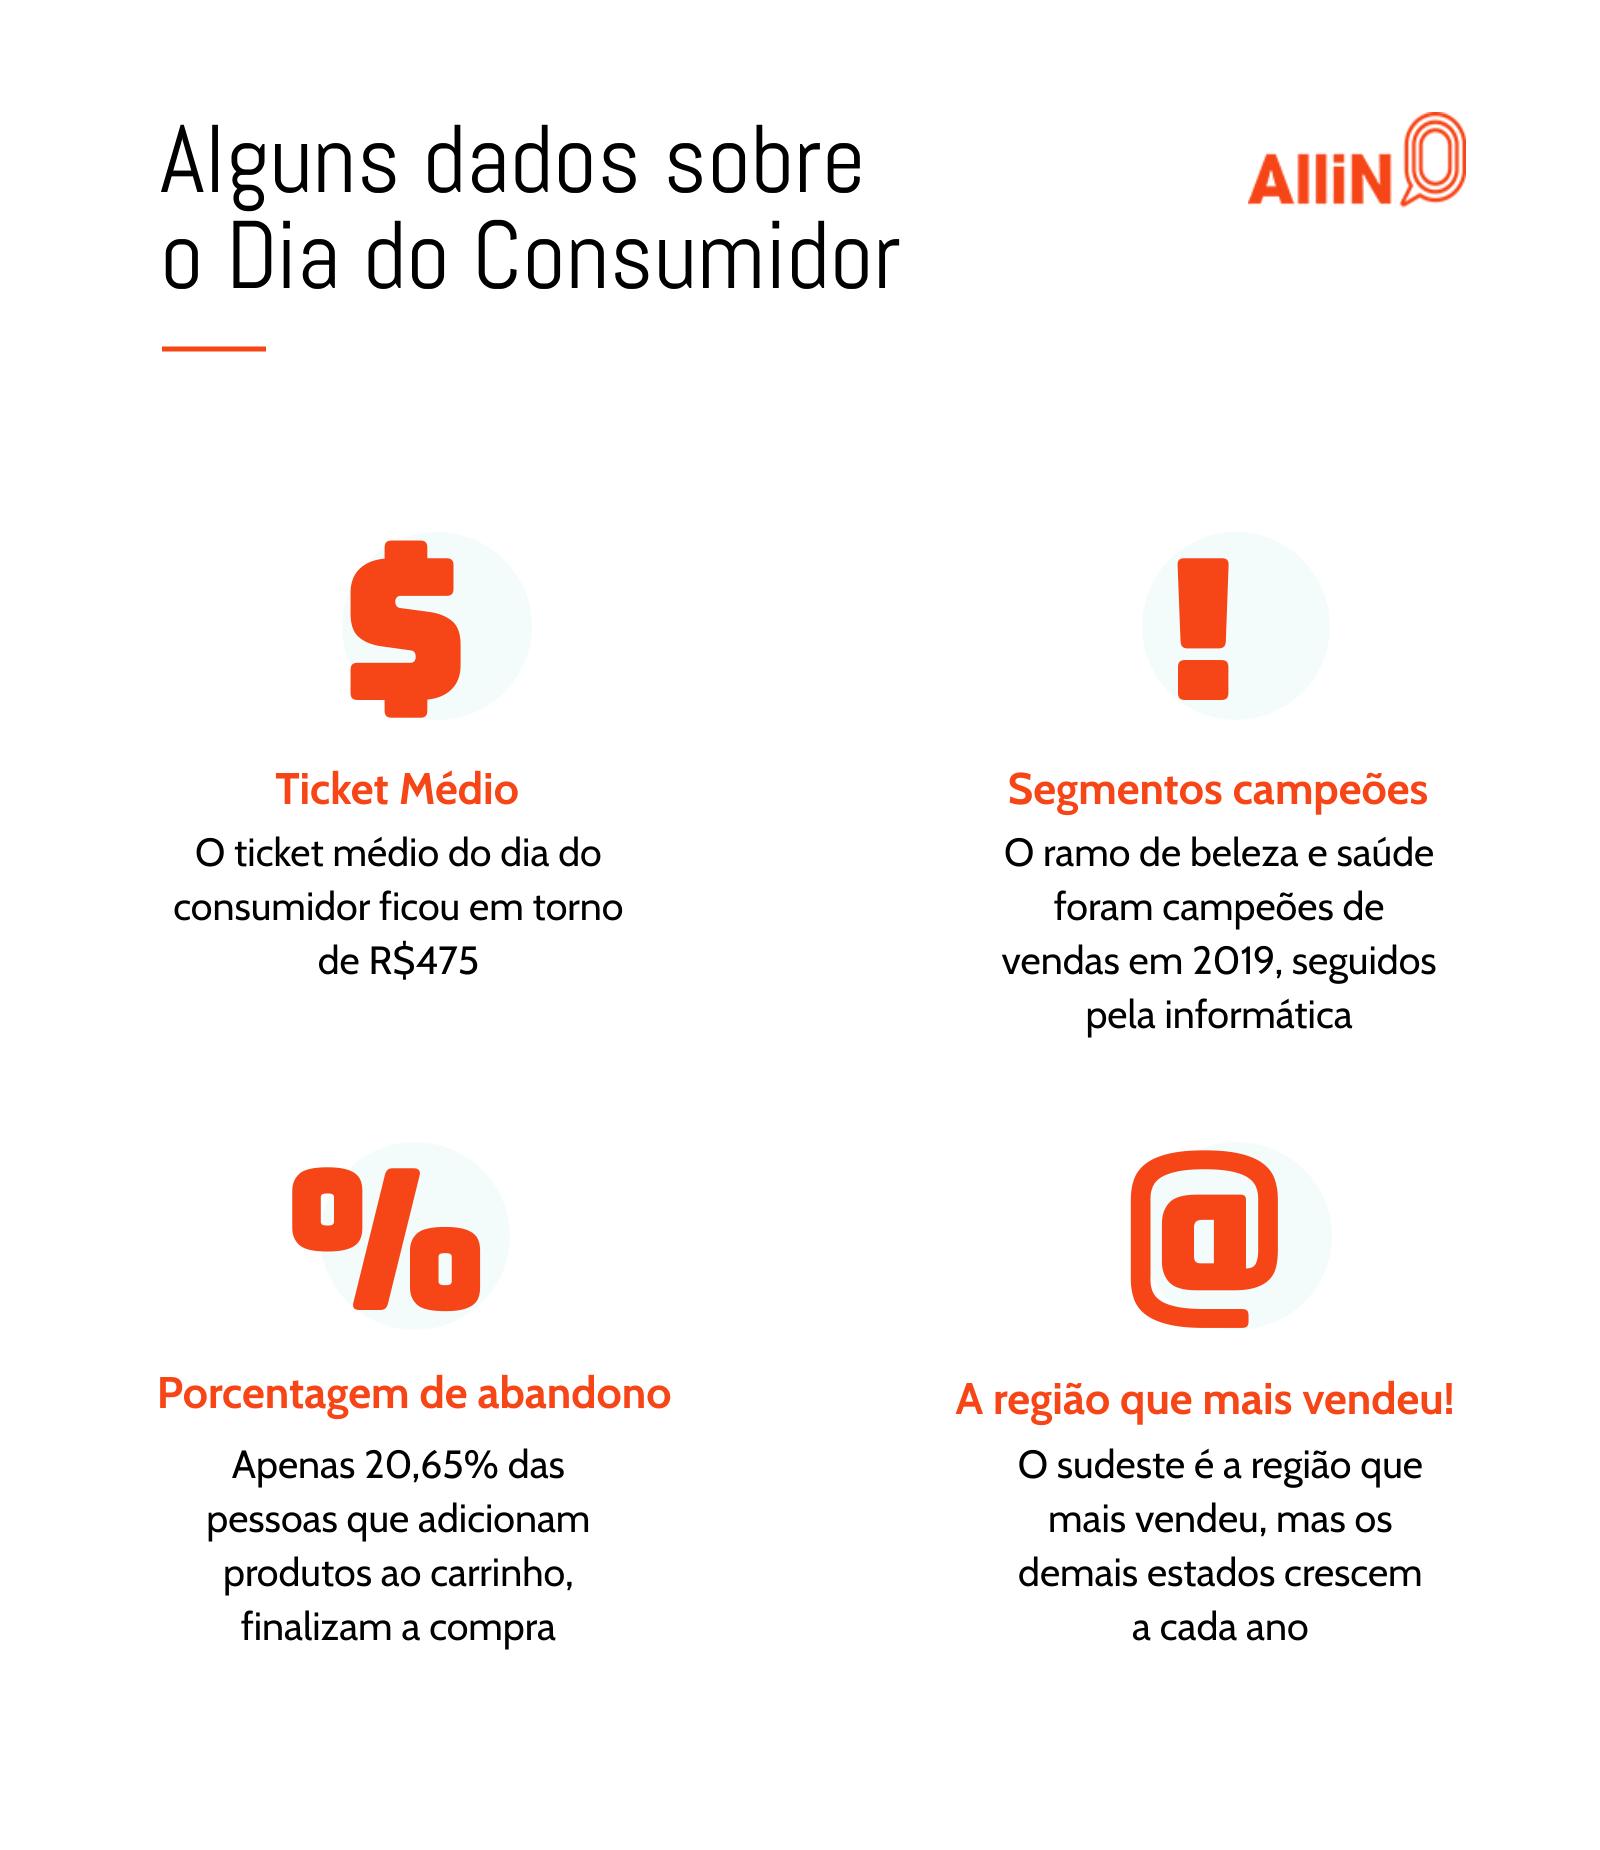 Um infográfico com alguns dados em relação ao dia do consumidor.